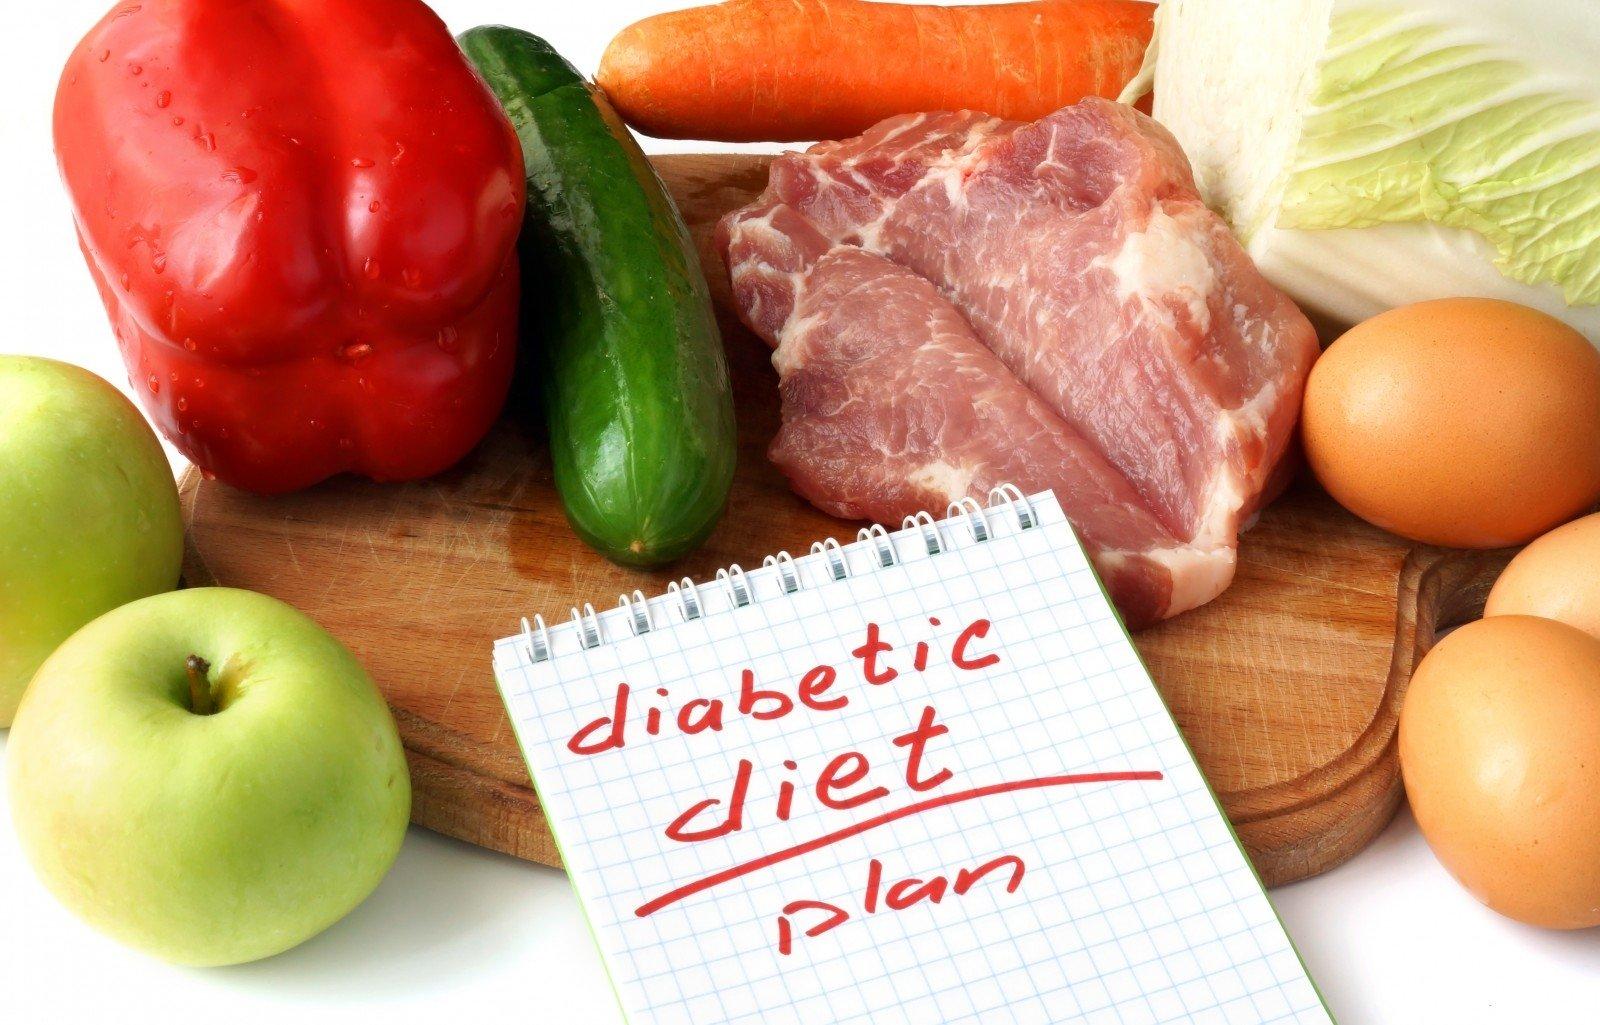 ar galima valgyti chalvą su hipertenzija smirnova medicininė mityba hipertenzija